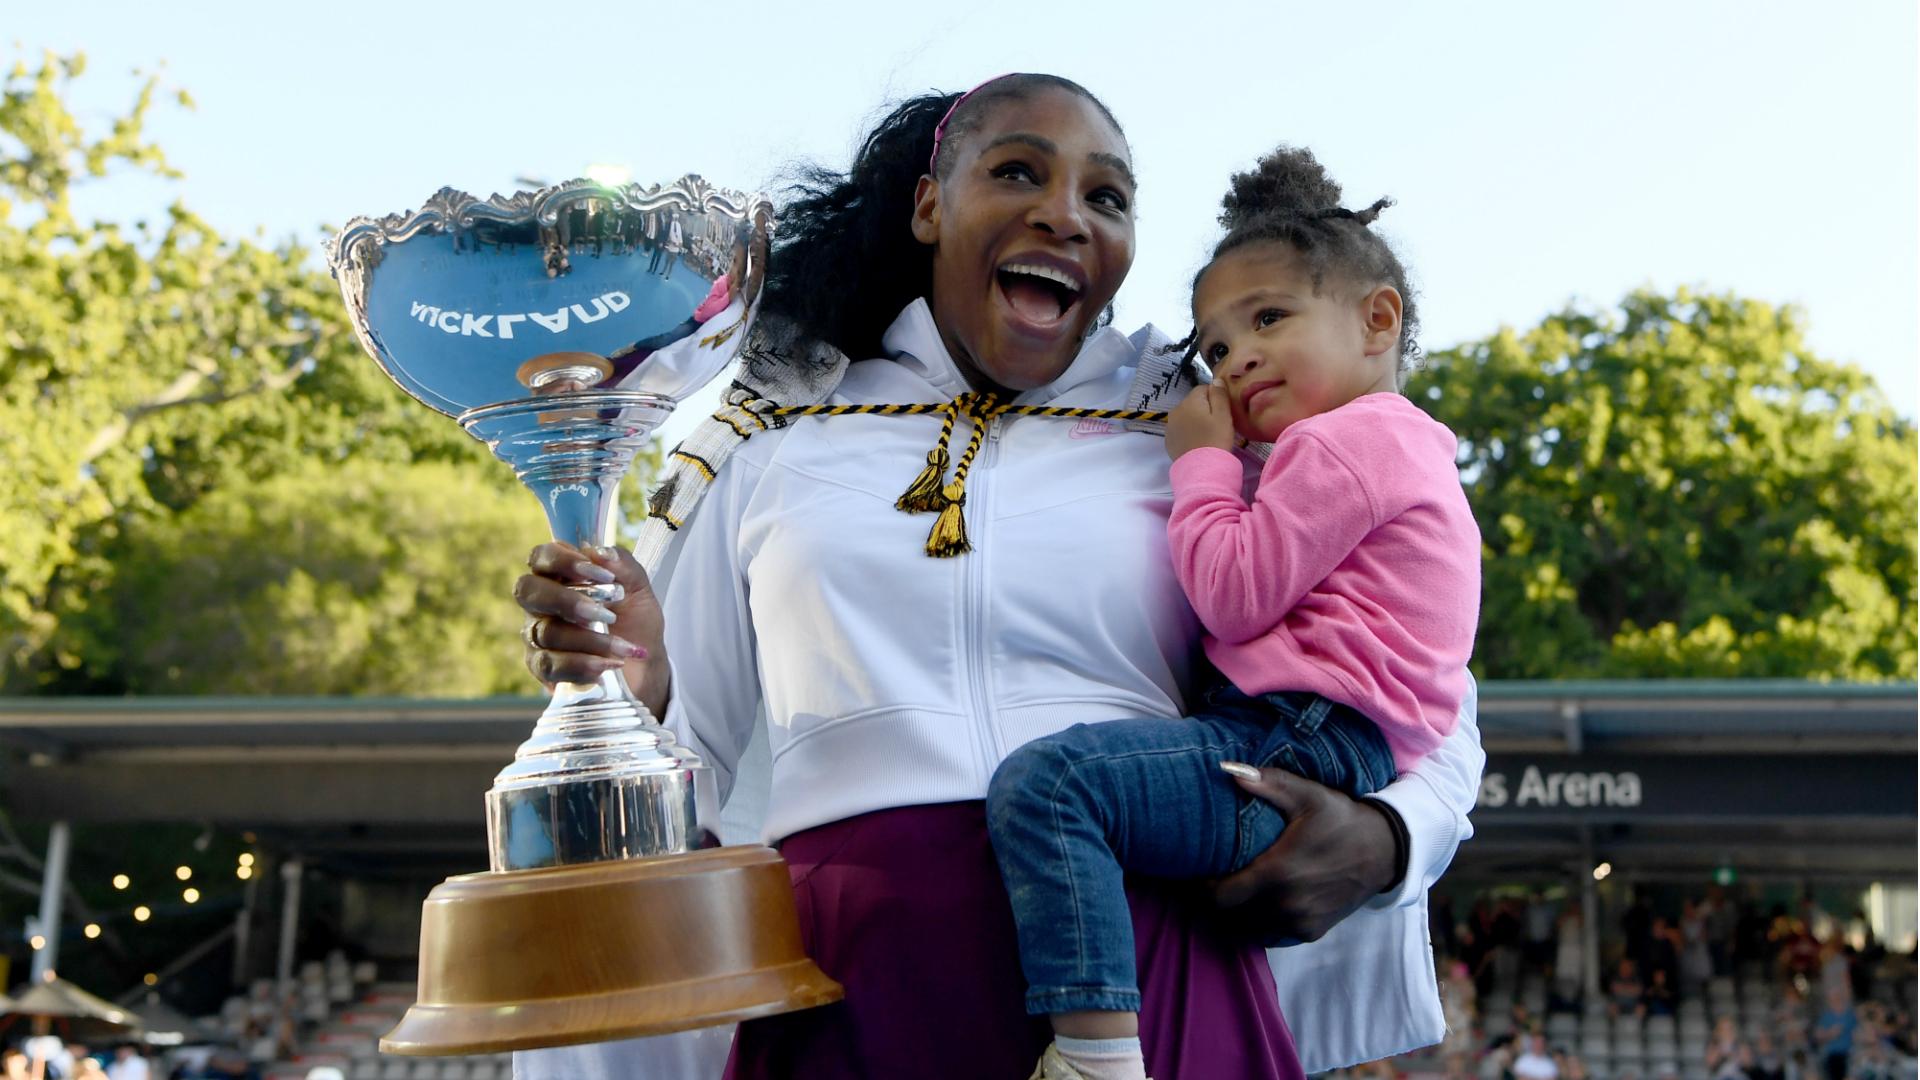 Serena Williams apunta al 'próximo gol' - Abierto de Australia - después de terminar la sequía del título 2